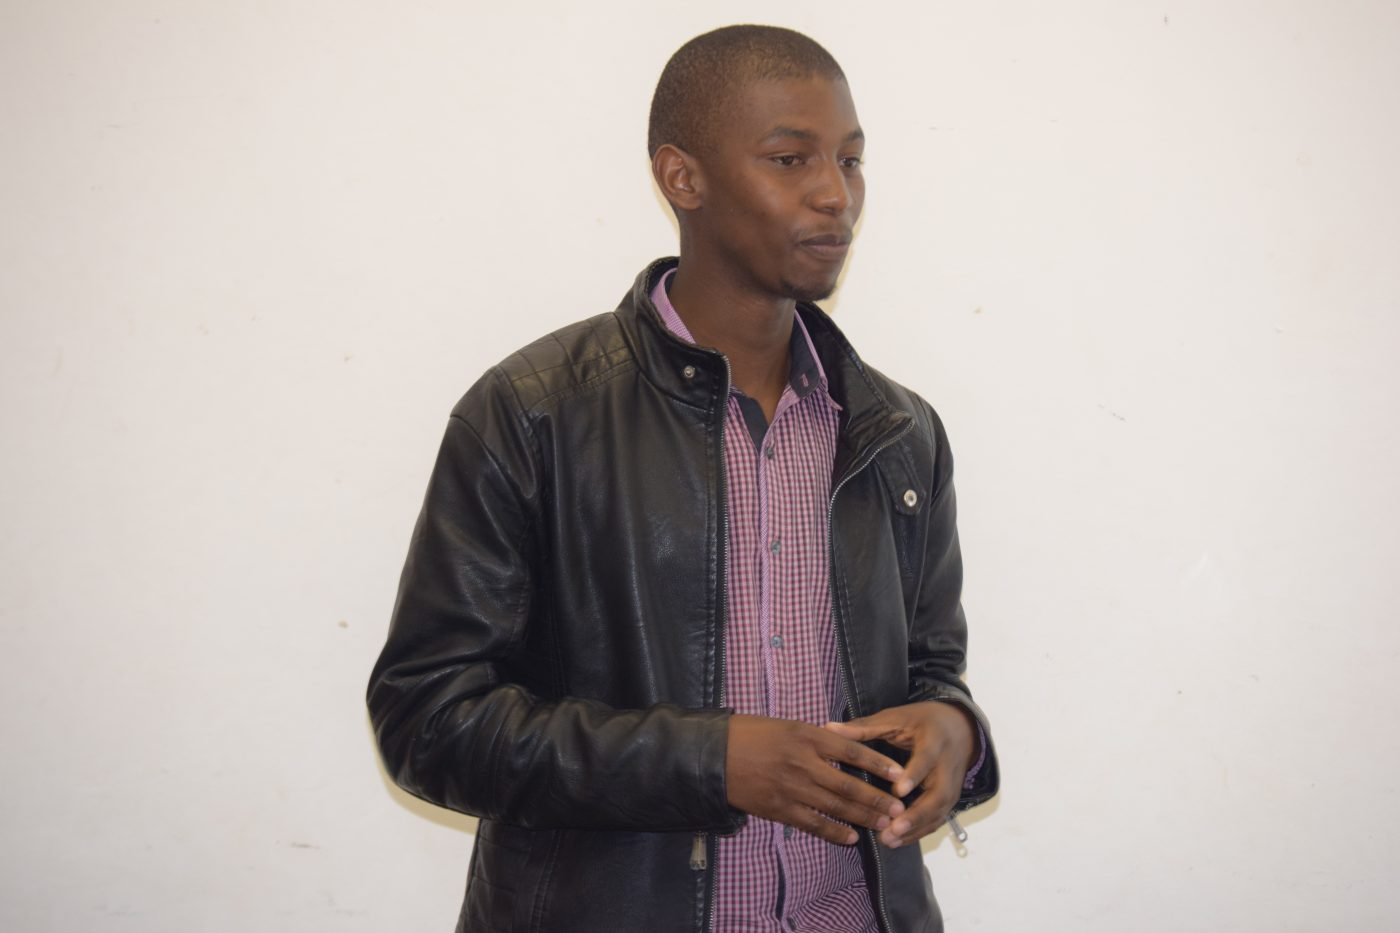 Nvulane Nhlapo leading the session